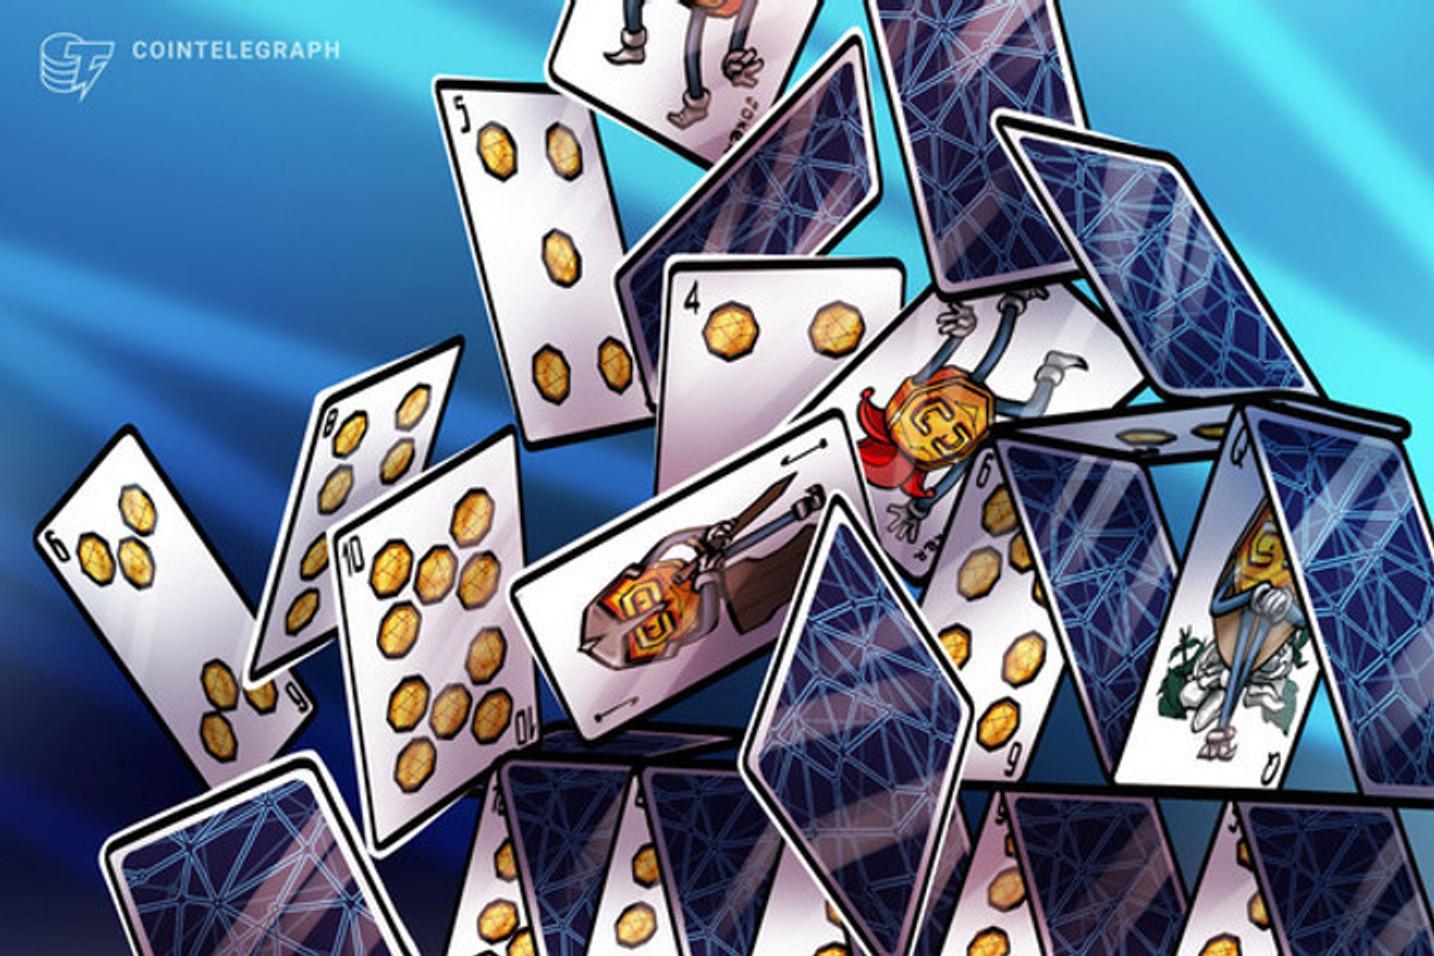 CVM emite alerta contra plataforma de investimentos no agronegócio com Bitcoin por atuação irregular